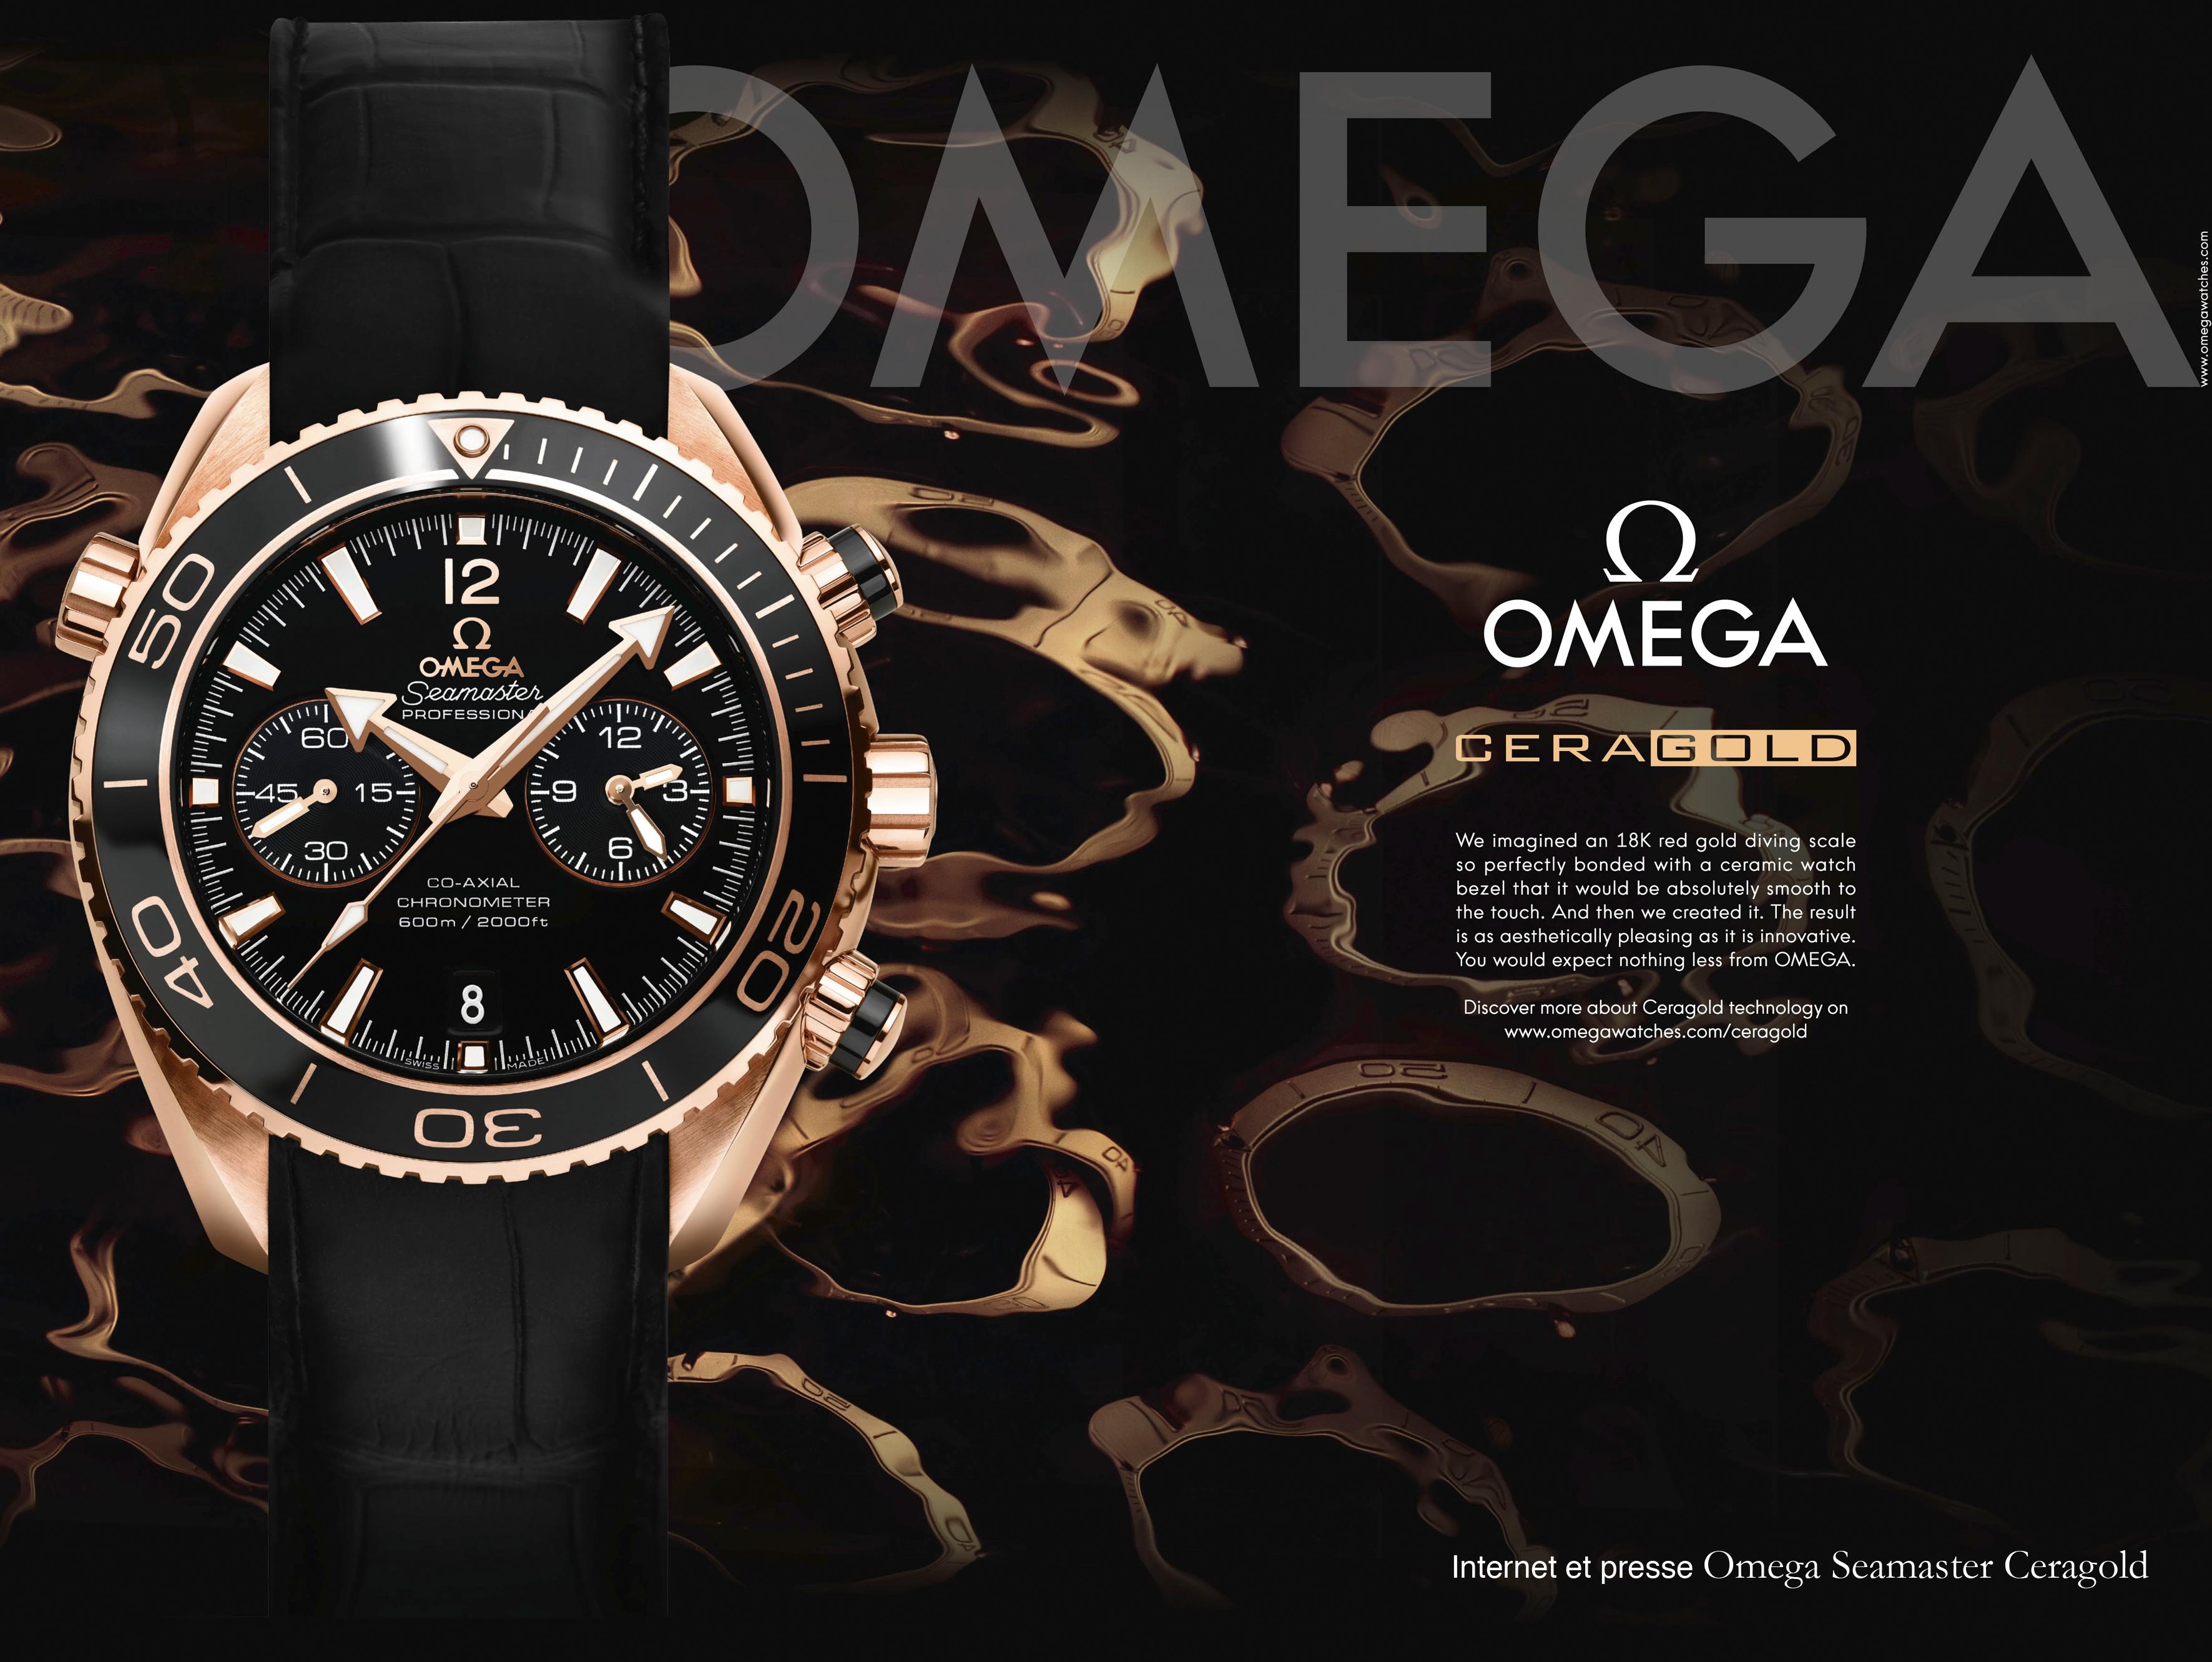 OMEGA Seamaster Ceragold